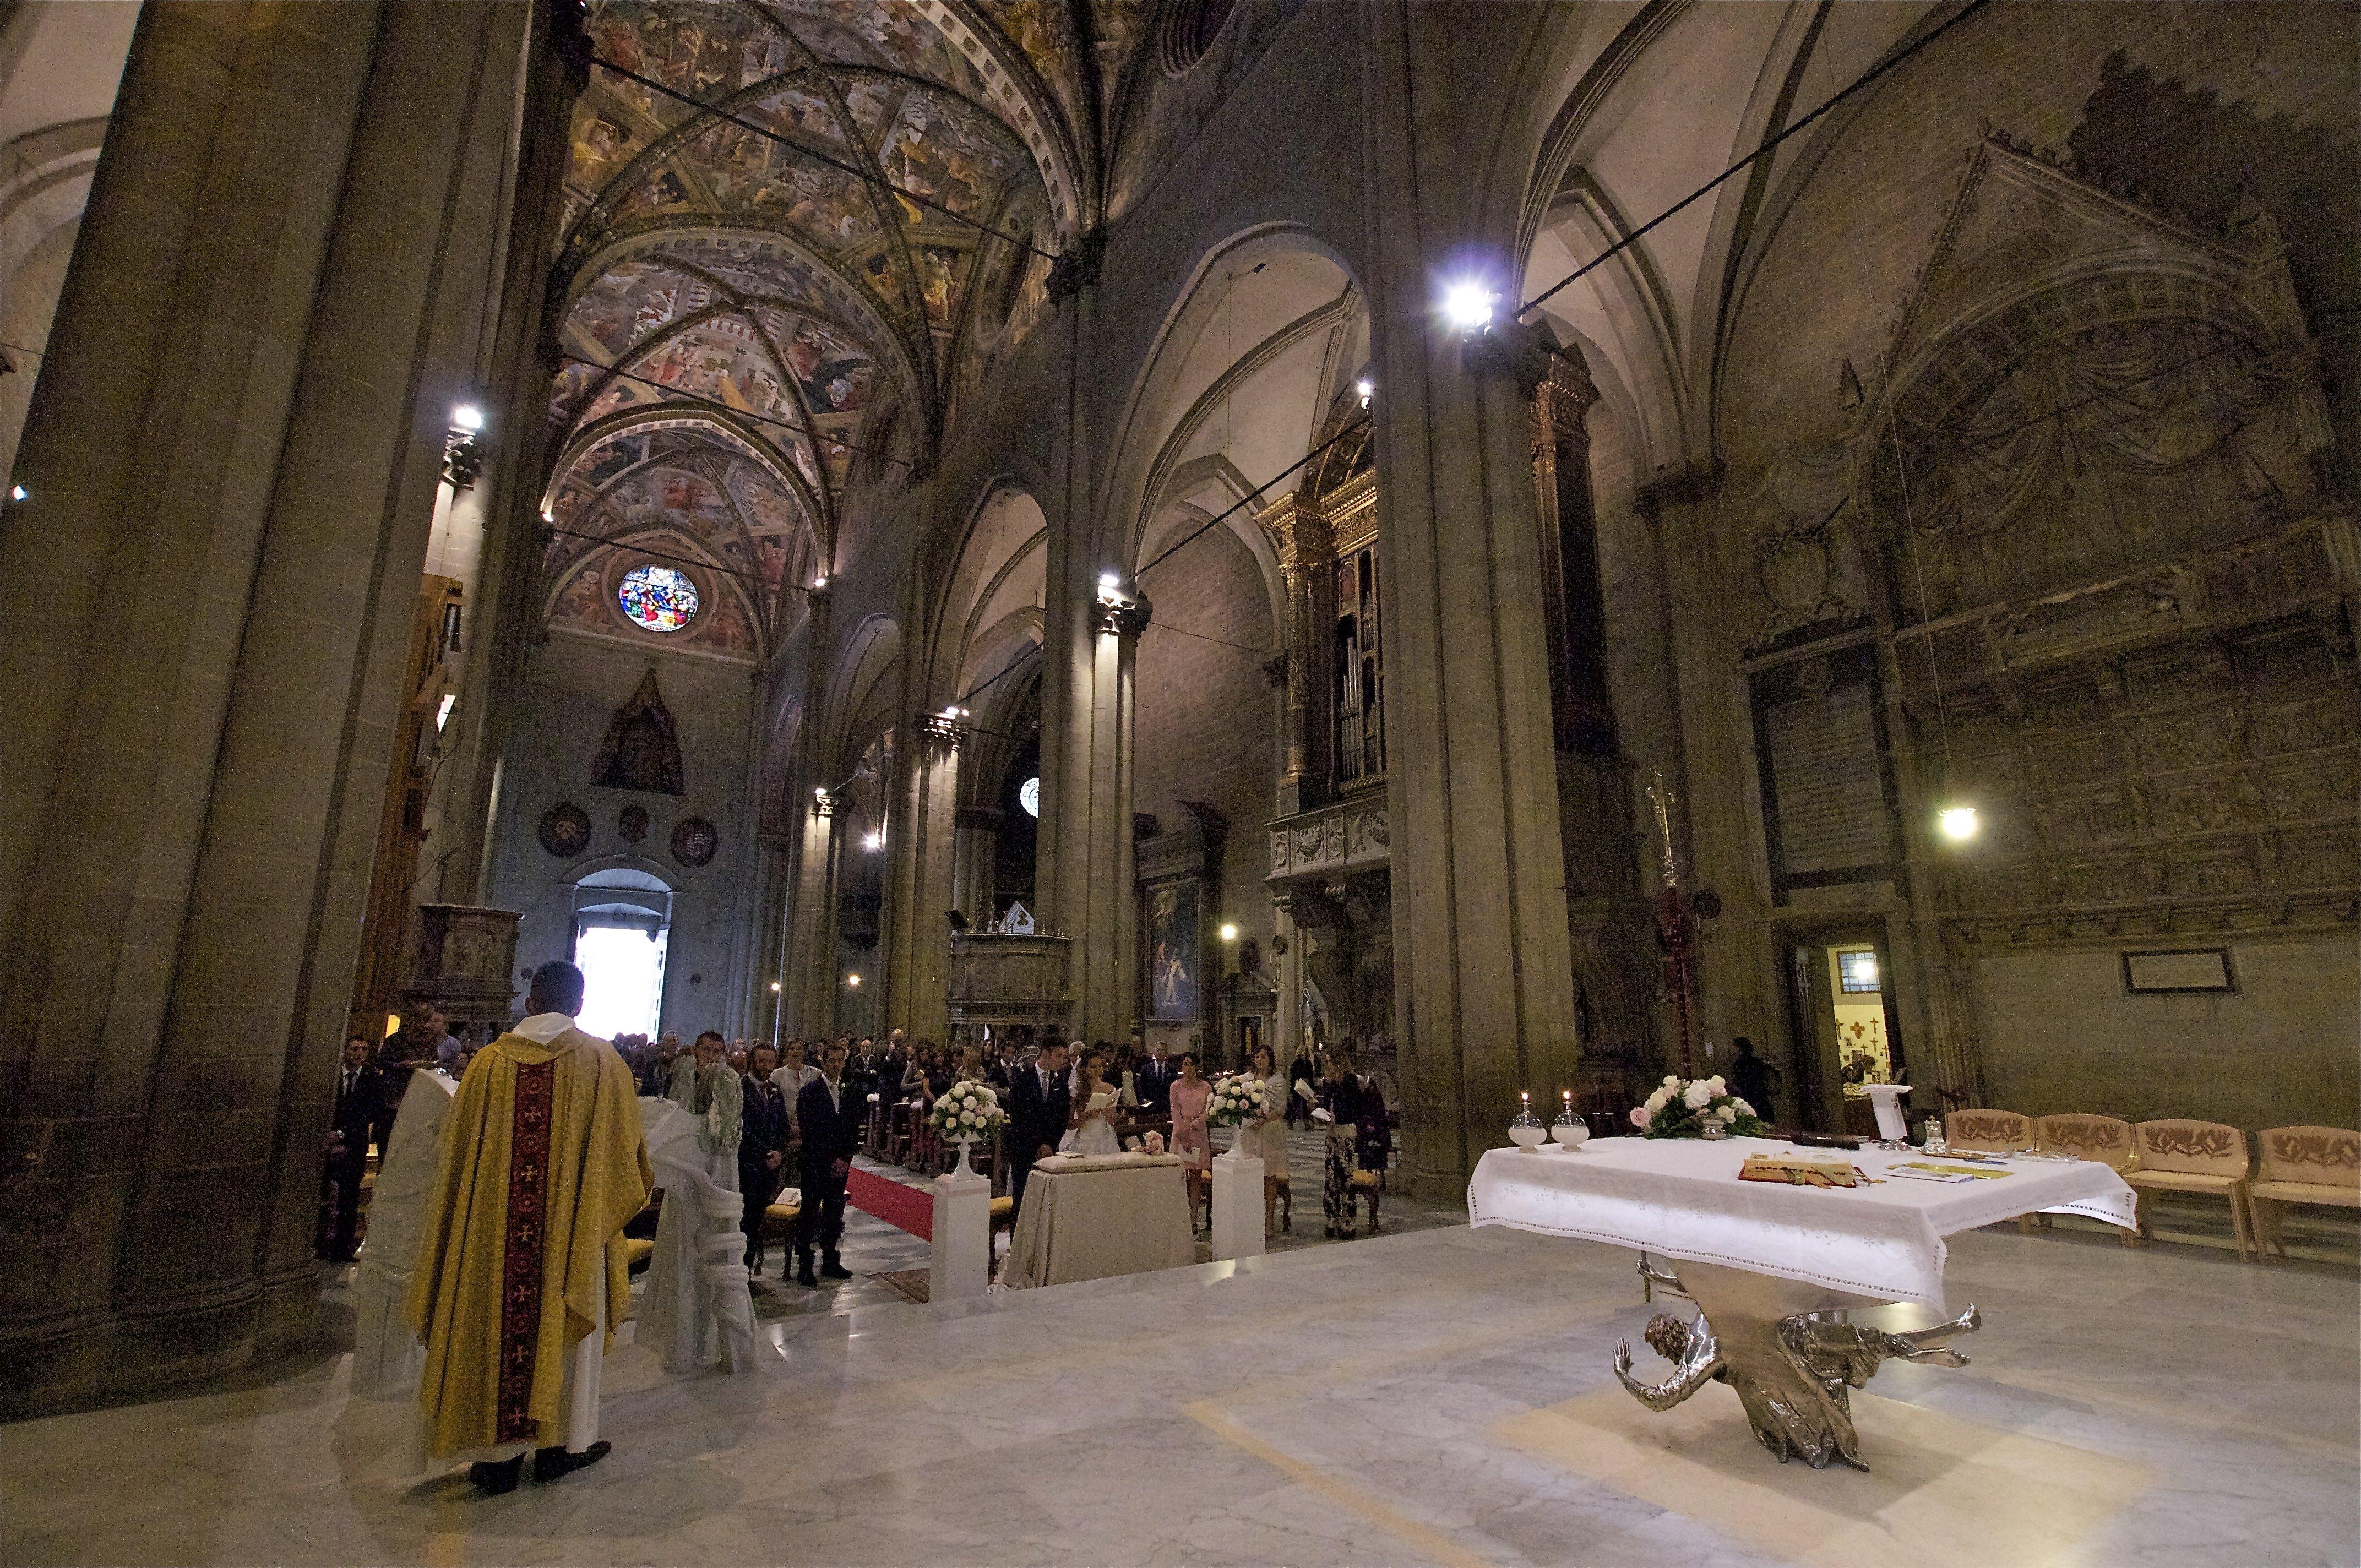 interno di una chiesa durante una cerimonia nuziale